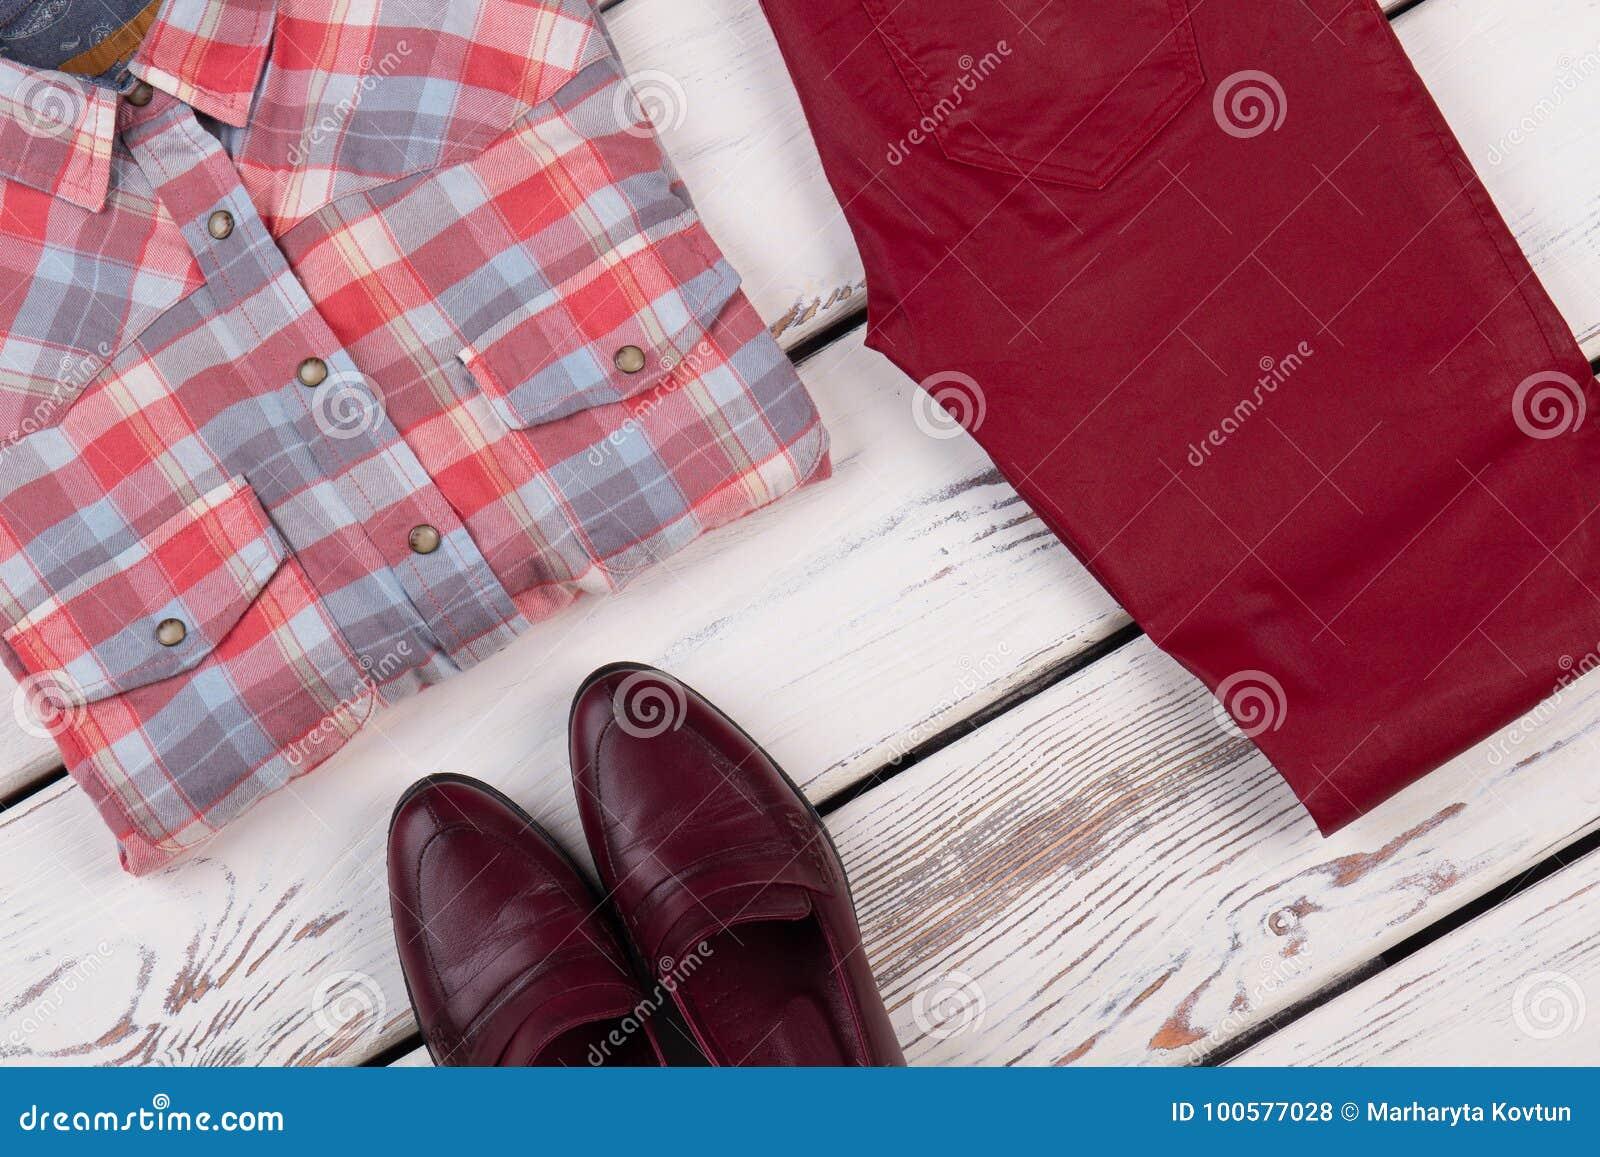 Escocesa Y Zapatos De Pantalones Foto Tela Archivo Camisa x4qBXSn